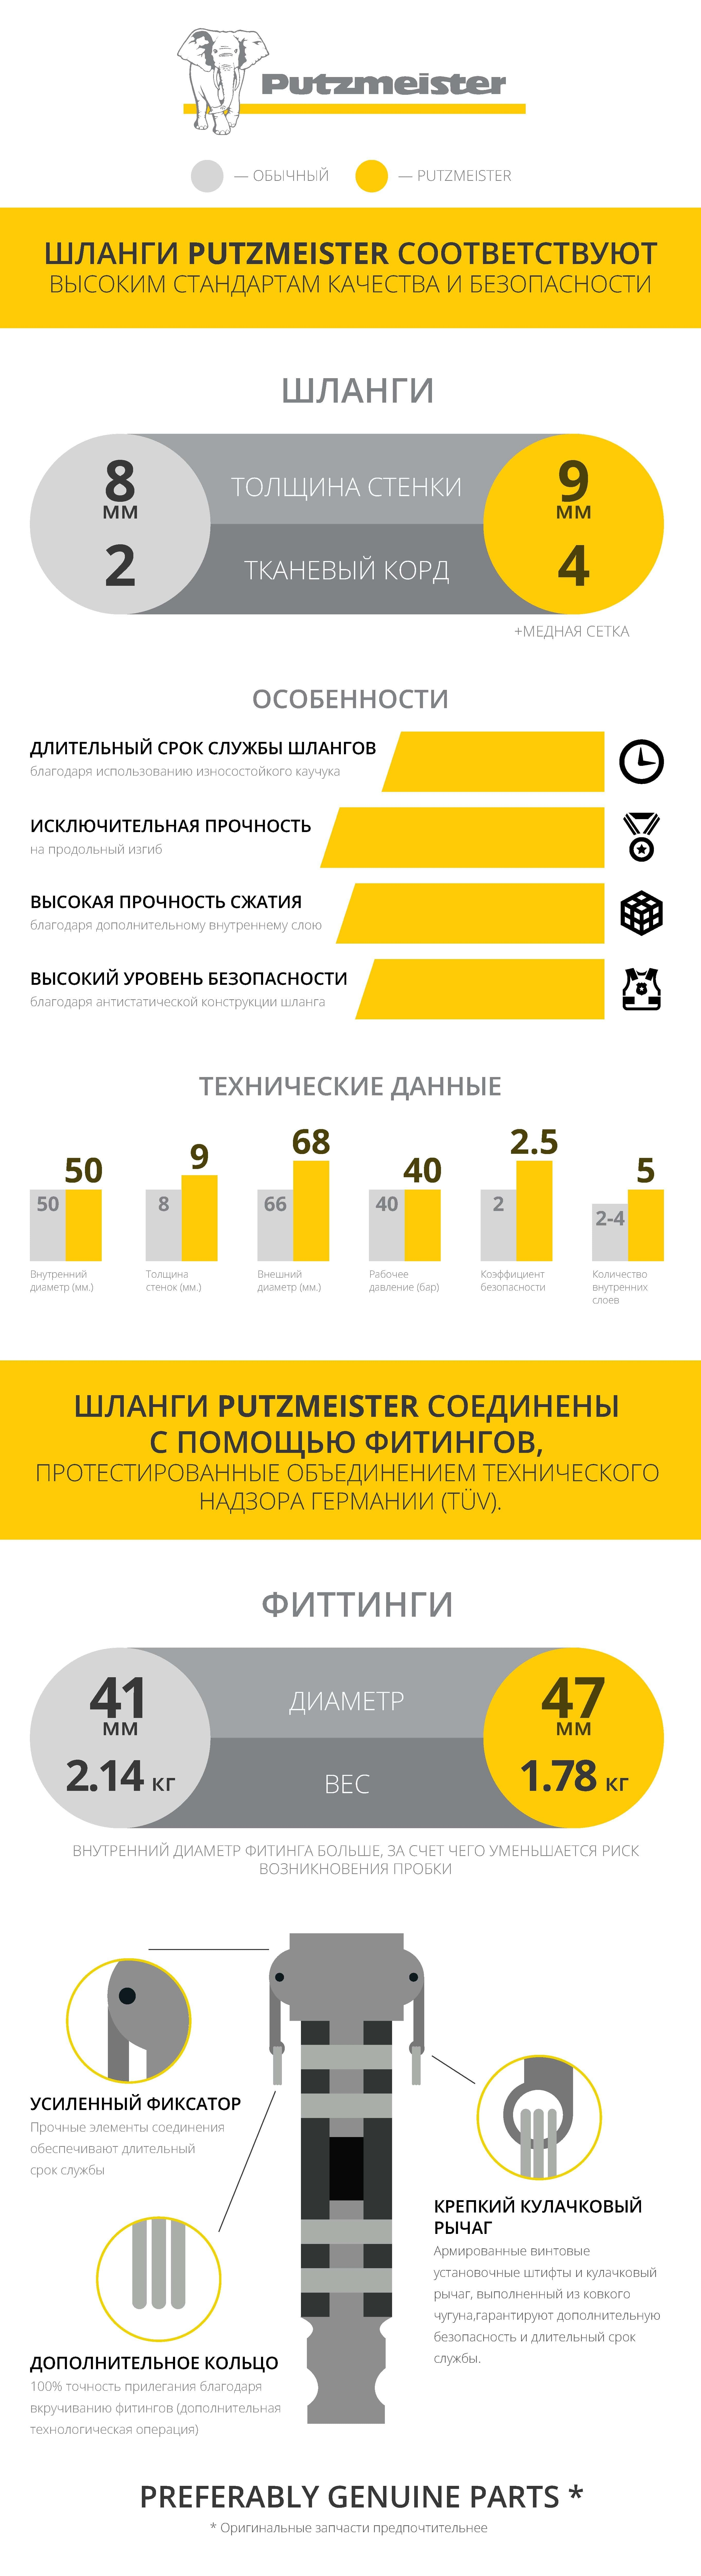 Сравнение растворных шлангов Putzmeister с обычными шлангами